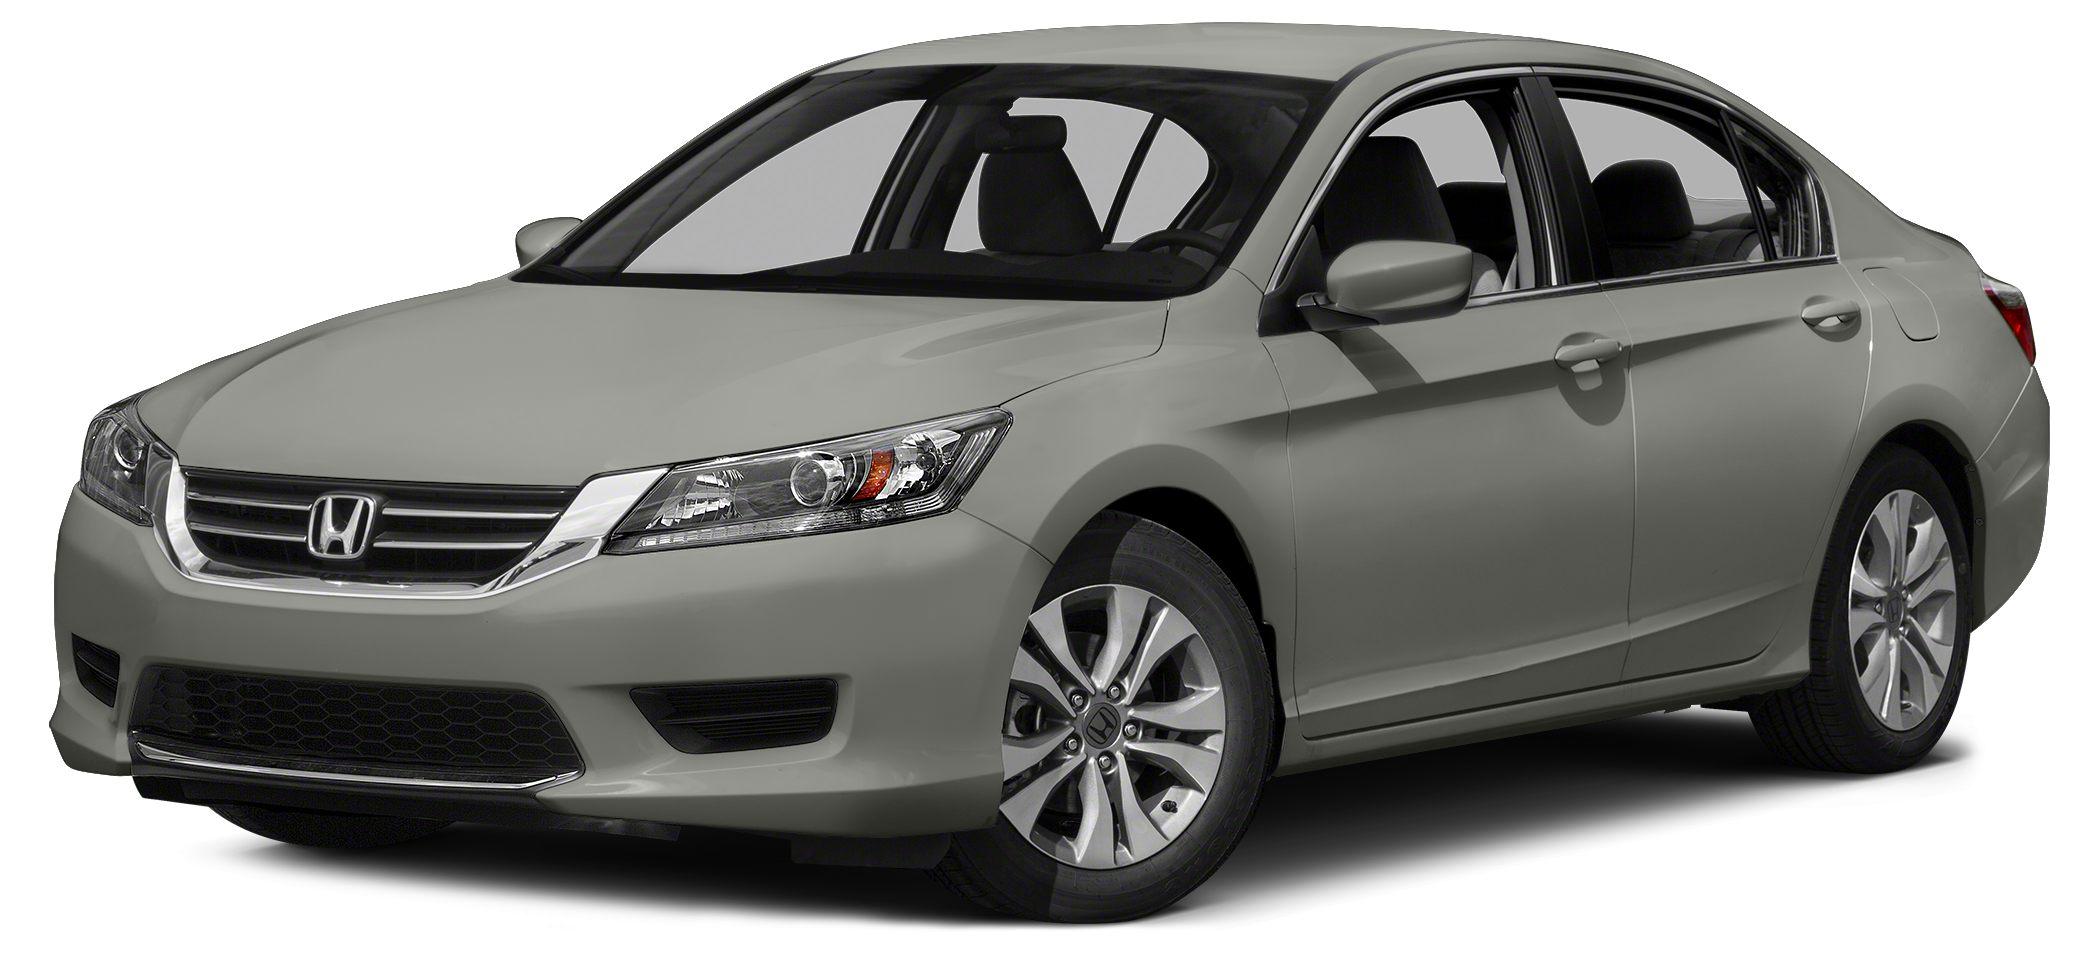 2013 Honda Accord LX Miles 37549Color Crystal Black Pearl Stock 2192 VIN 1HGCR2F30DA230090